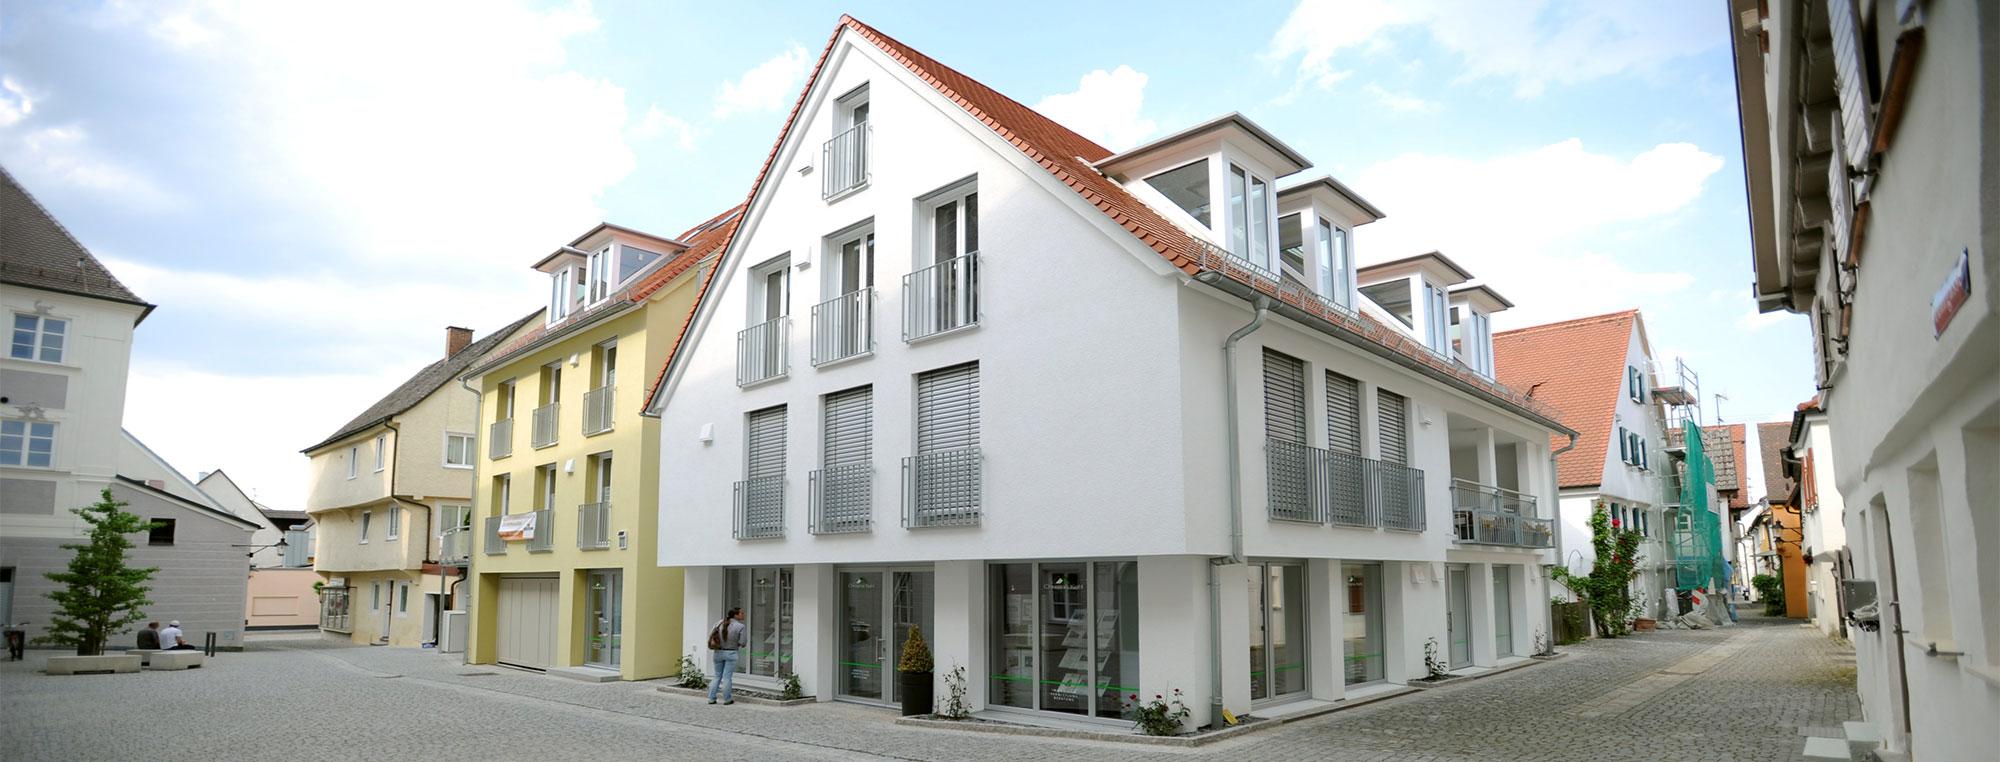 Projektentwicklung durch das Bauunternehmen bendl aus Günzburg